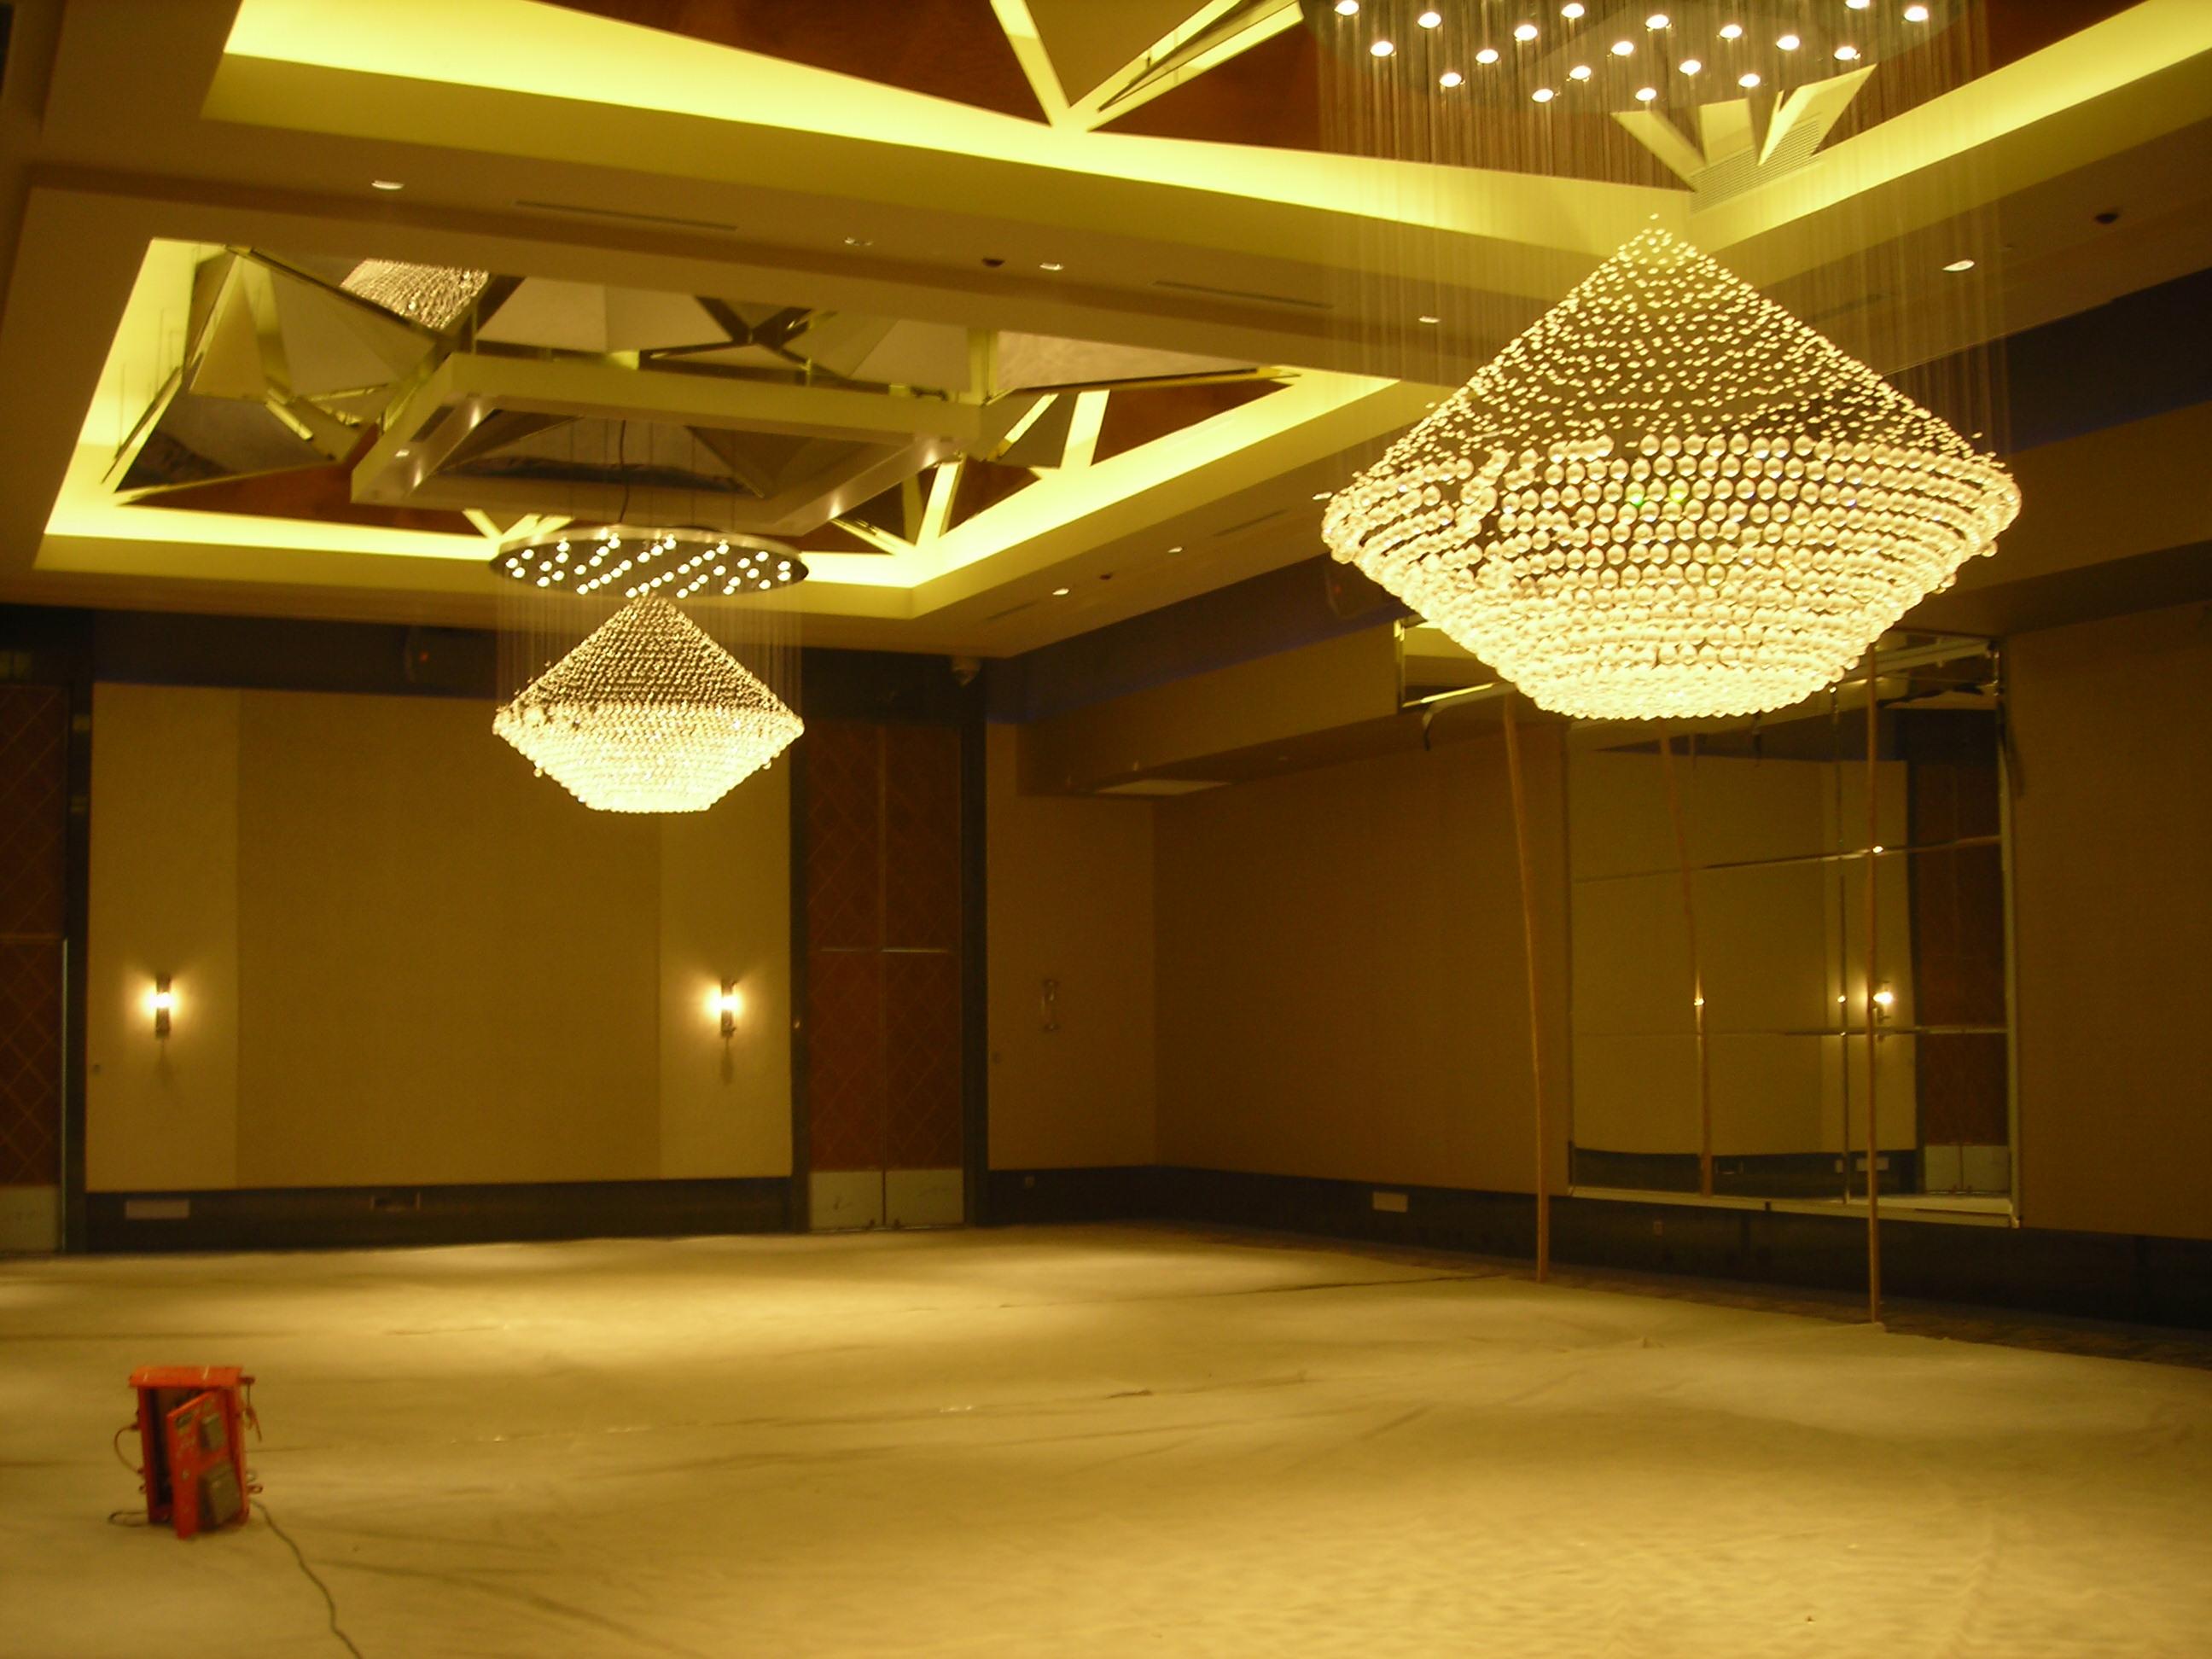 五星级酒店装修完工照片 土木在线论坛